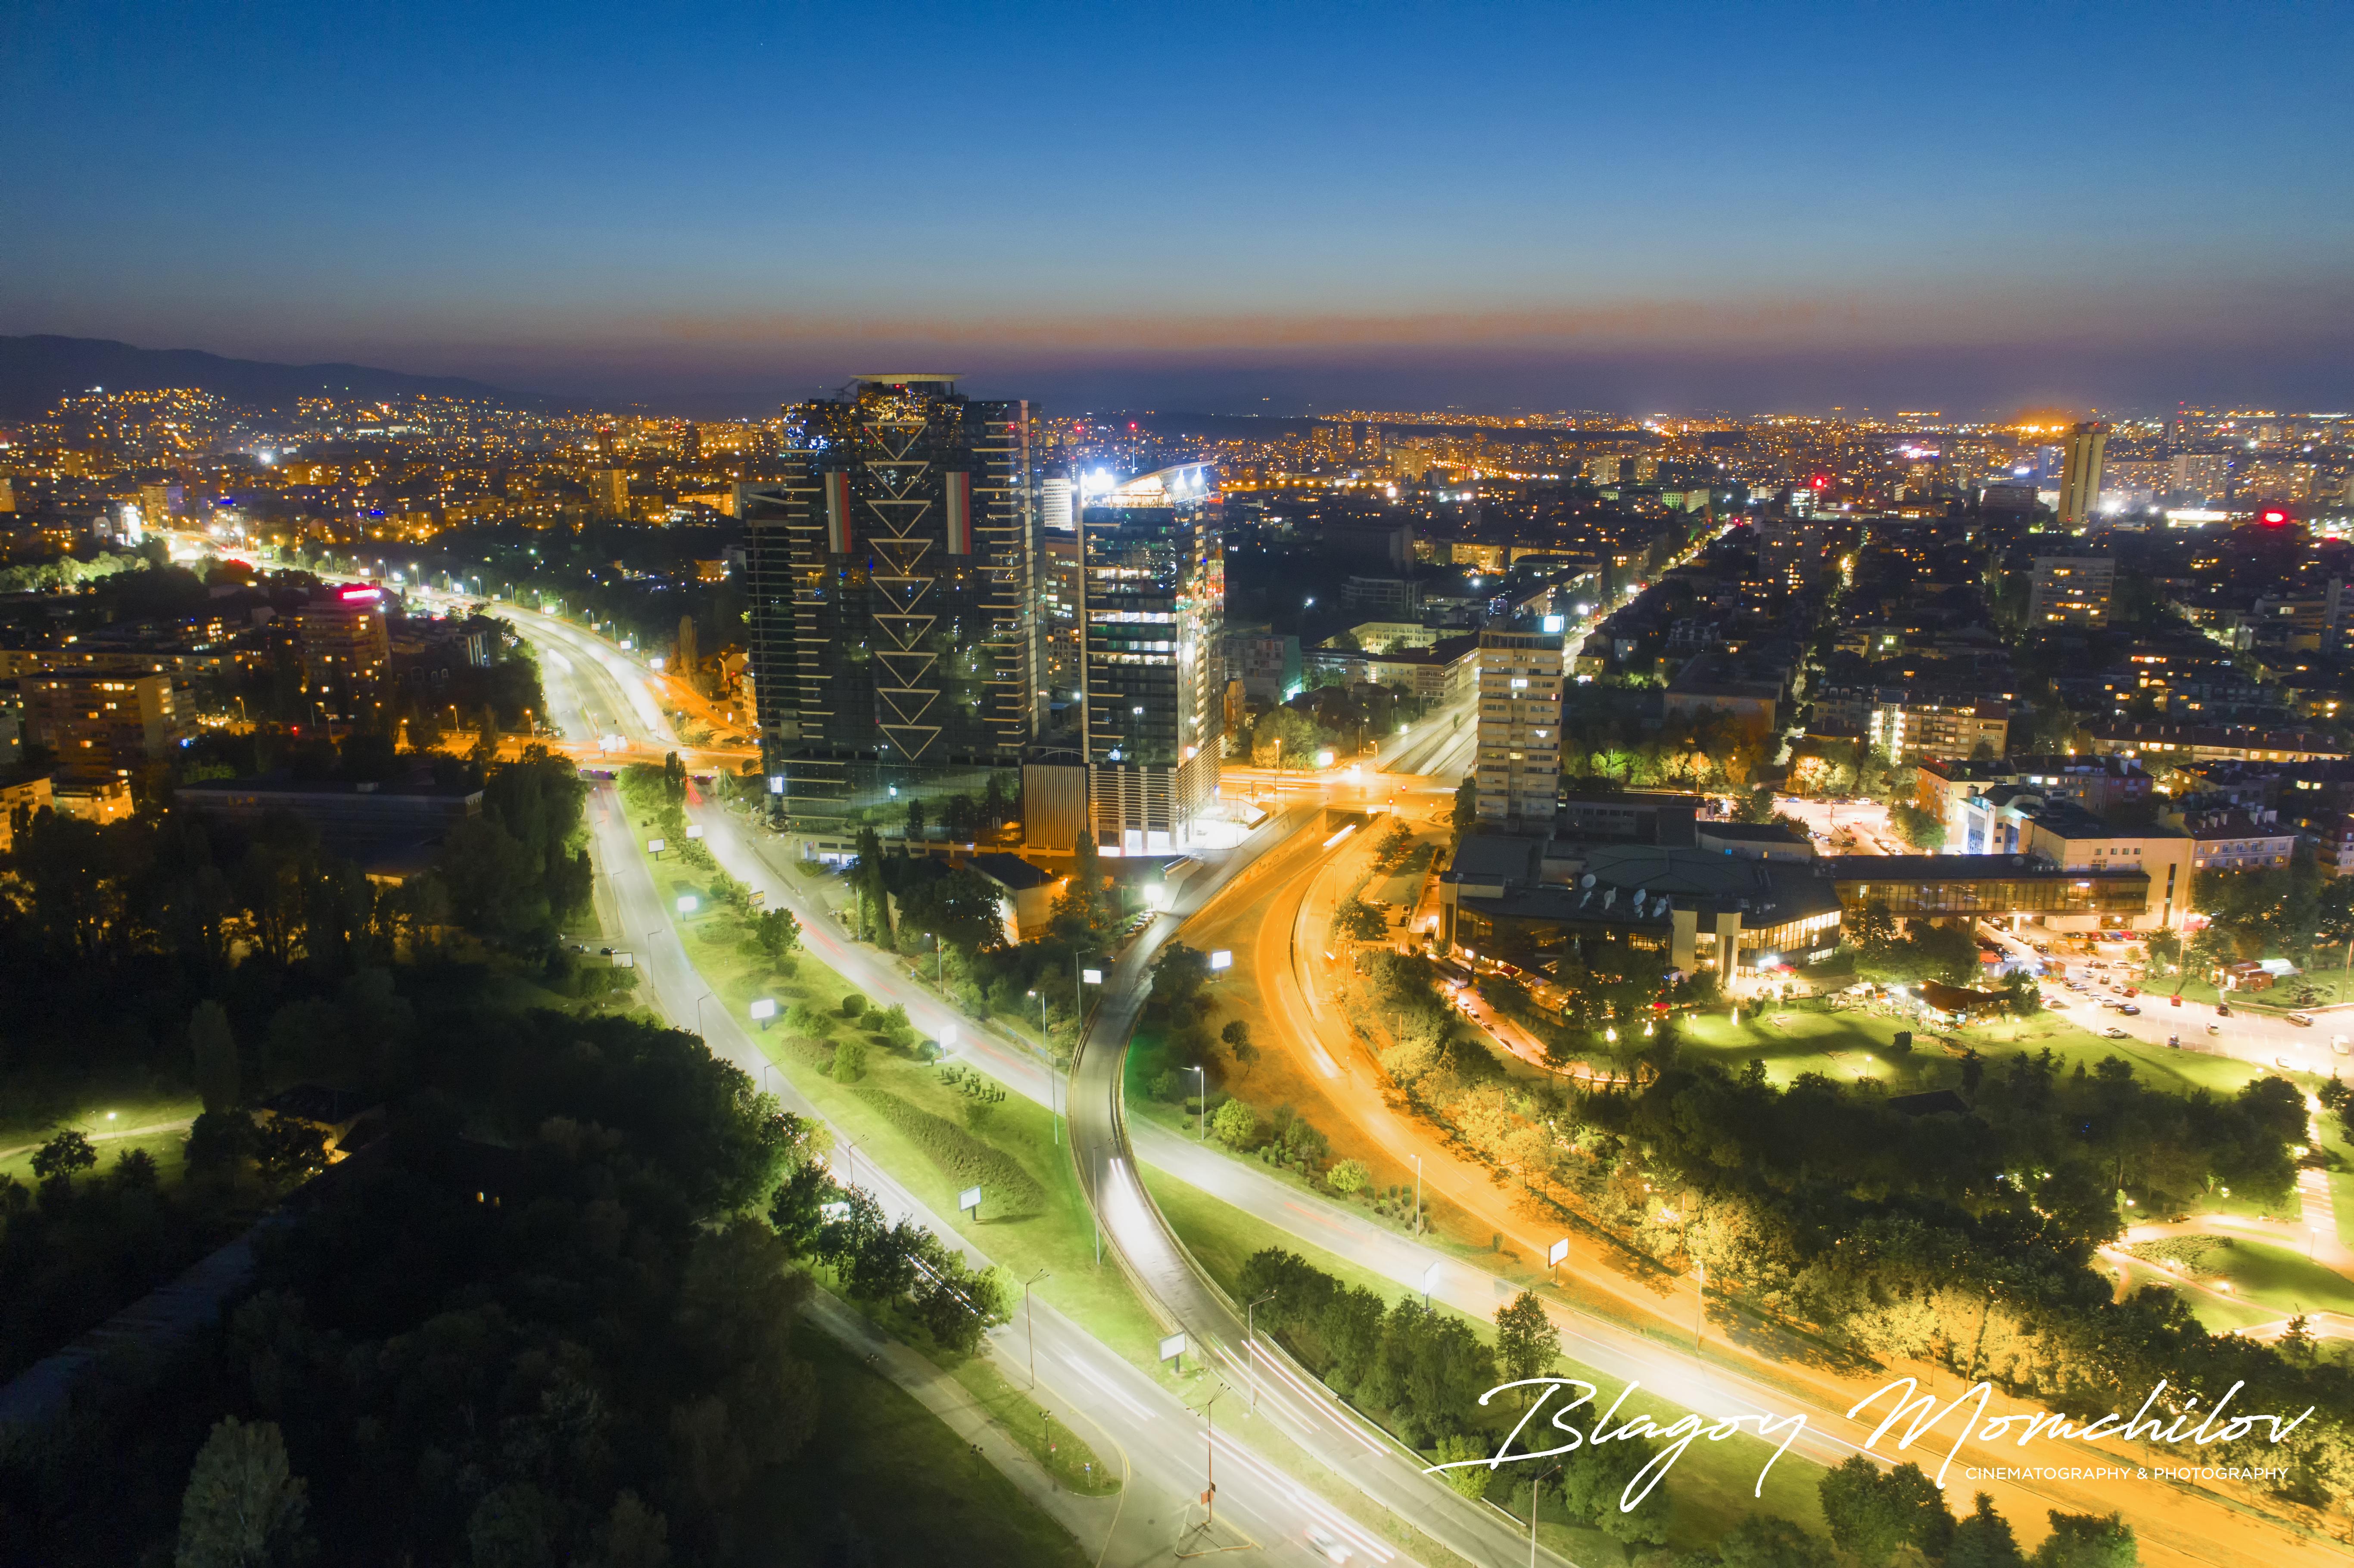 """Операторът на NOVA Благой Момчилов се занимава с видео и фото-заснемане от 1993 г. В началото на 2014 г. вдига камерата във въздуха. Със своето последно видео, заснето с дрон, Благой спечели симпатии от цял свят и си заслужи признанието """"Видео на седмицата"""" в конкурса на най-големия сайт за споделяне на видеа и снимки - AirVuz.com."""